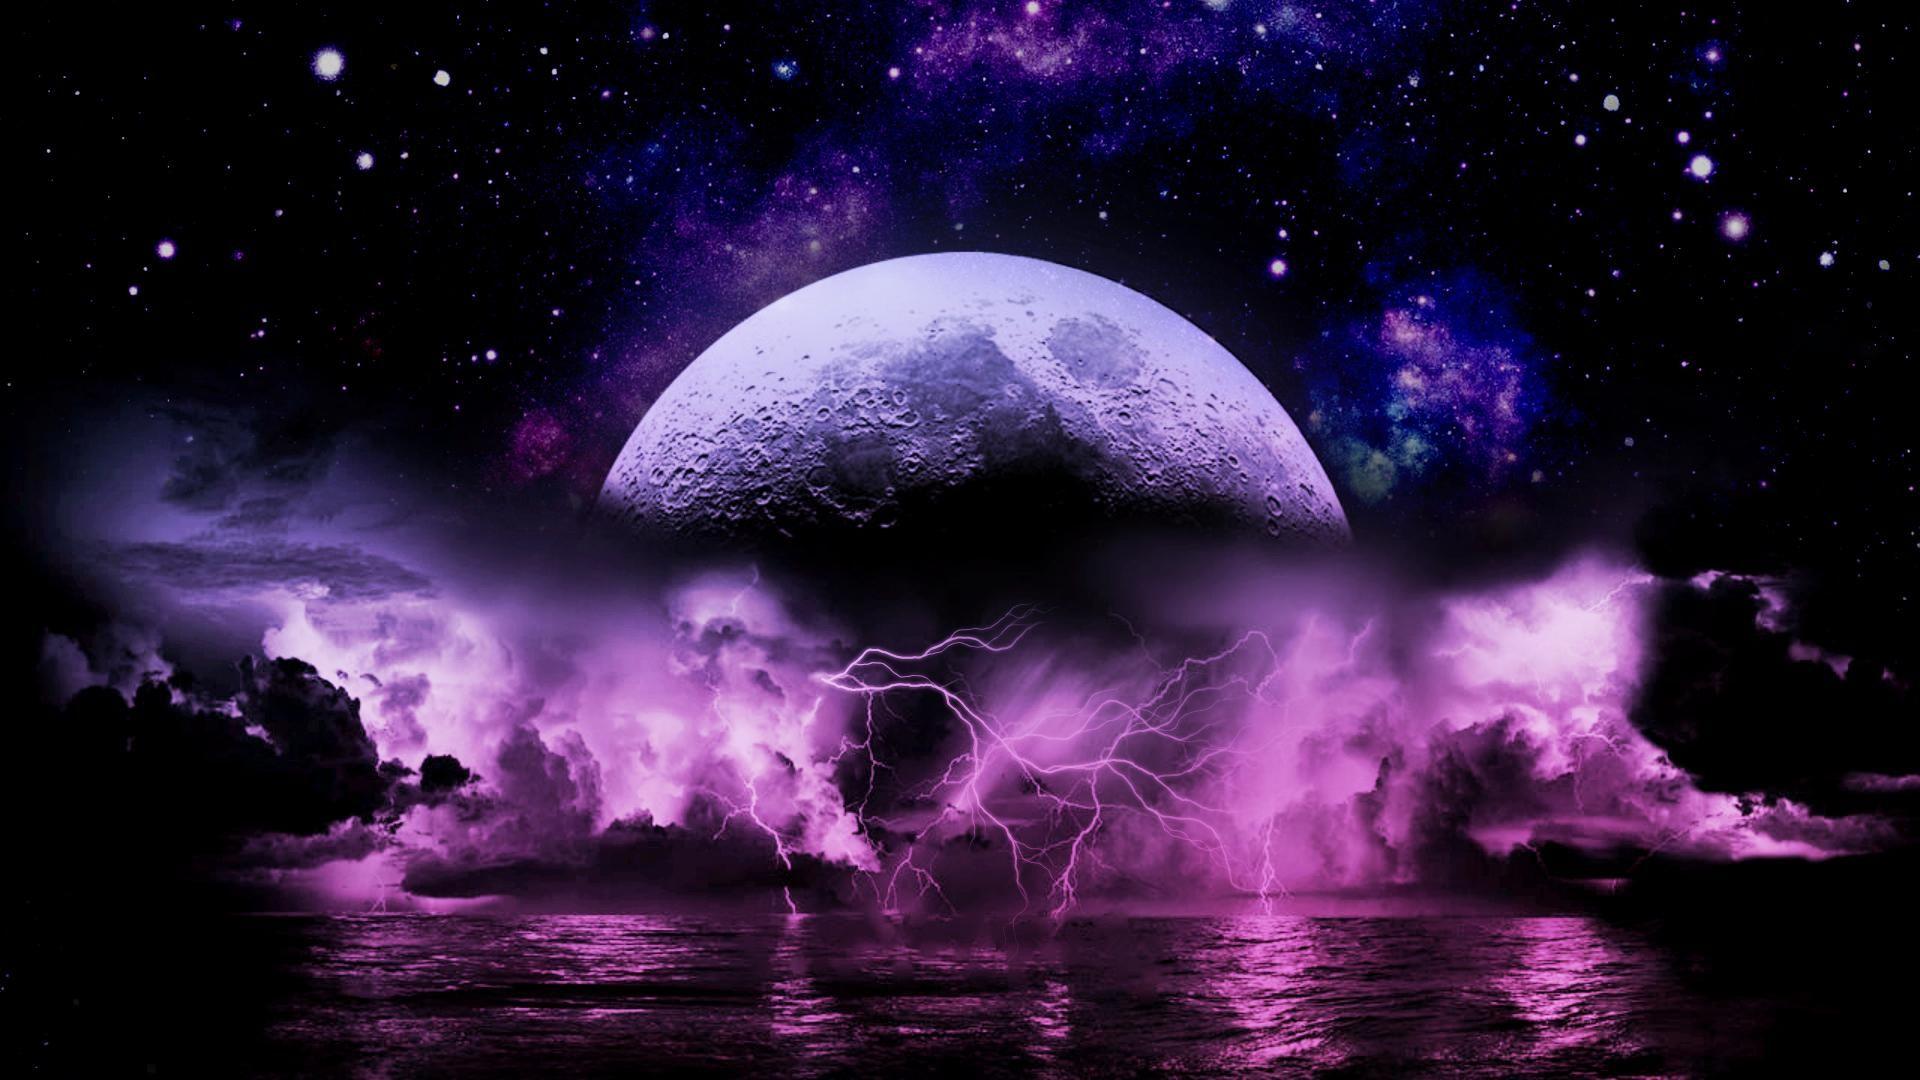 Ảnh mặt trăng độc lạ